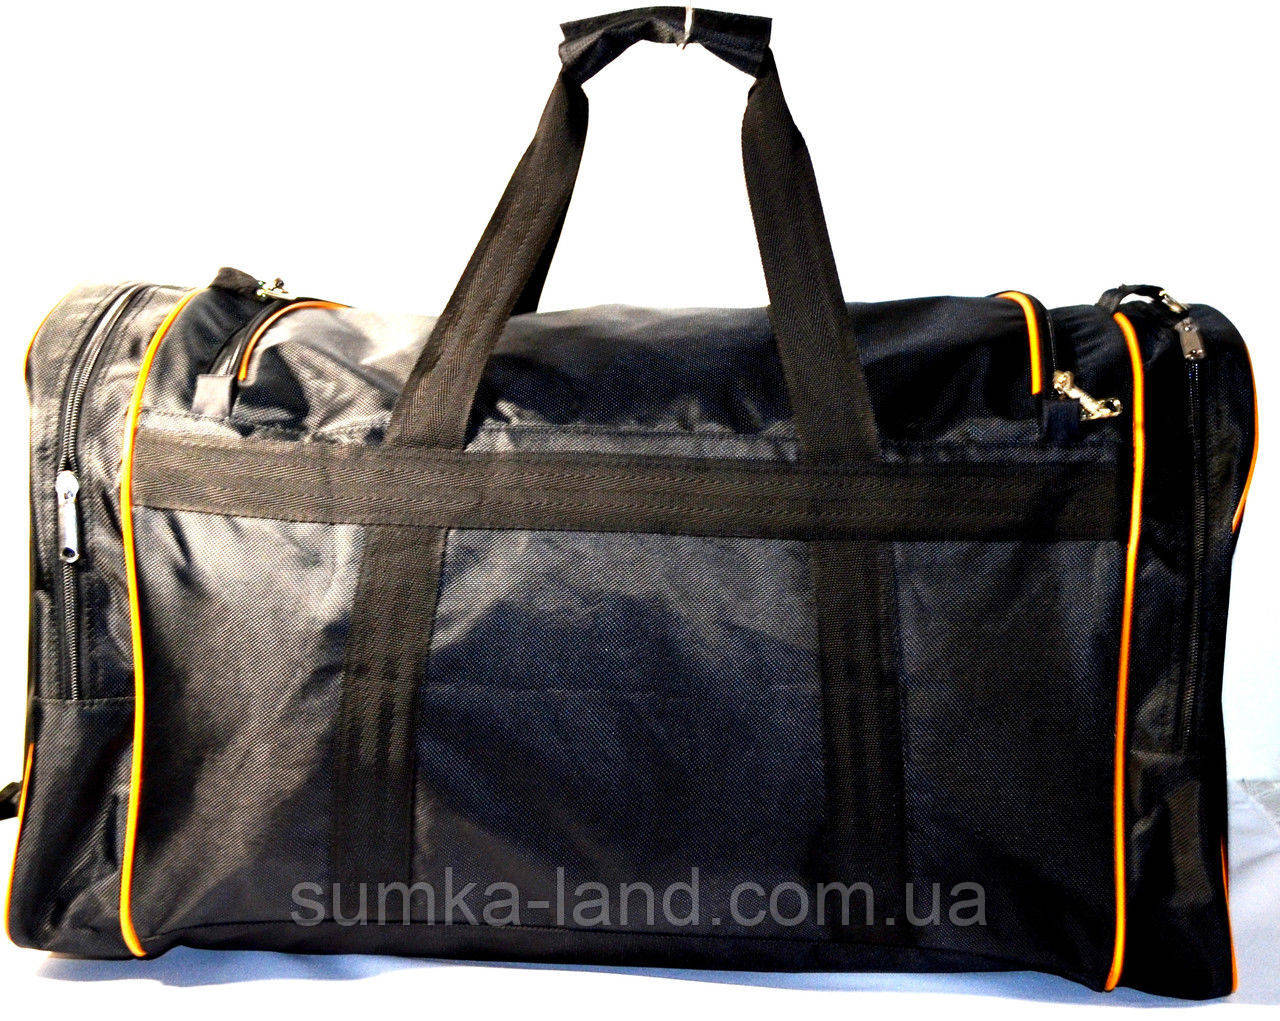 880fa4a4bf95 Производитель: Украина. Материал: текстиль(плотный). качественная фурнитура